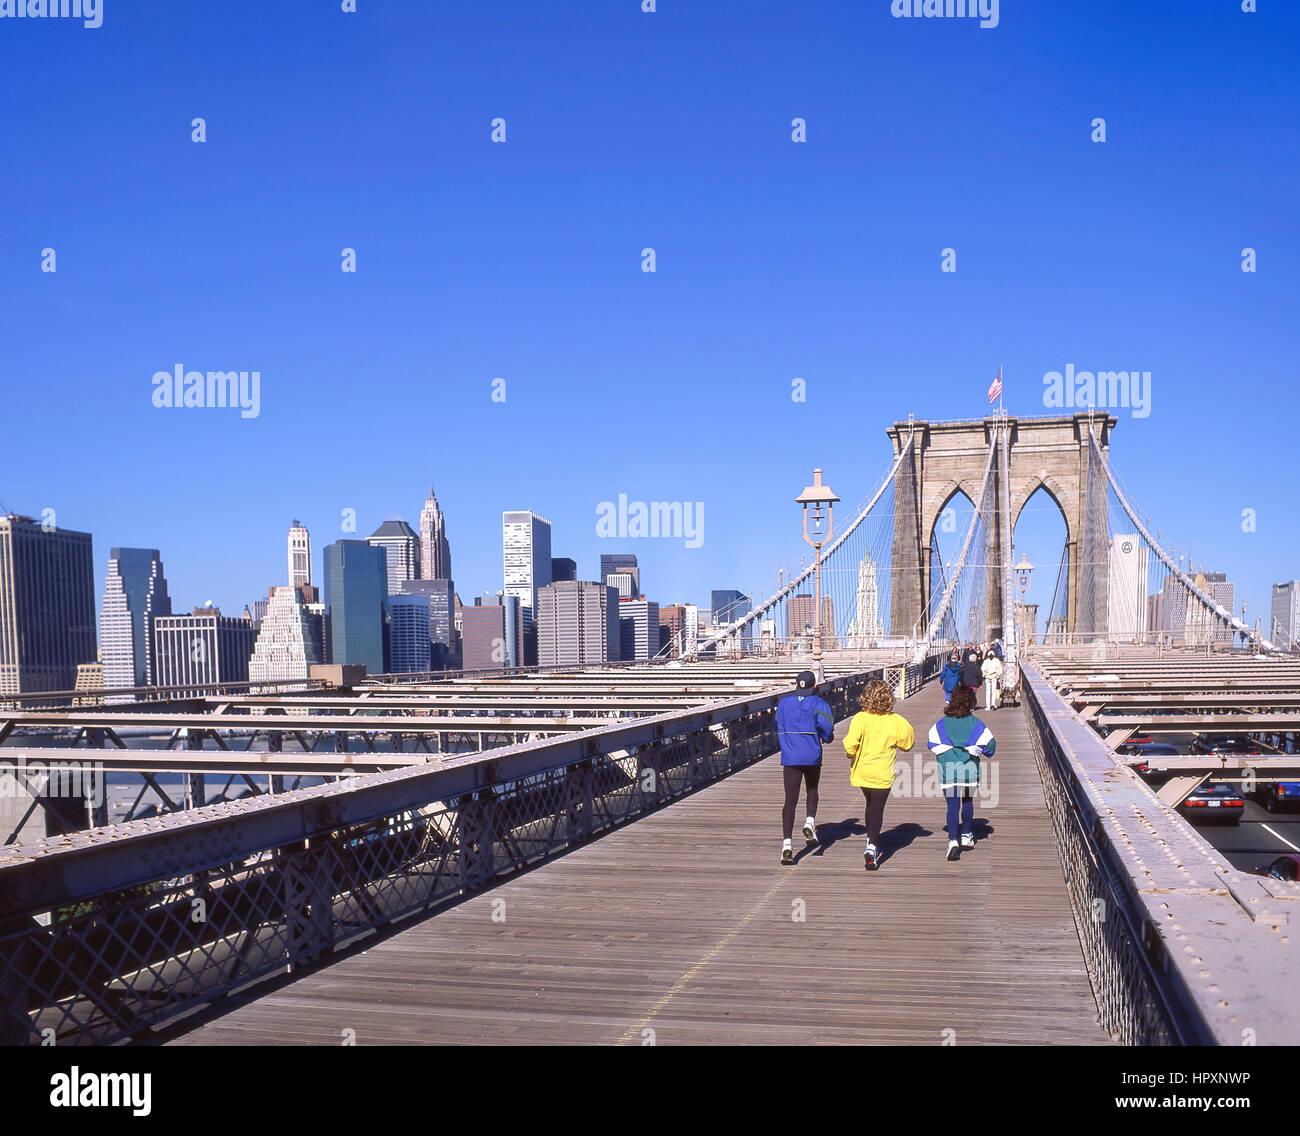 Pasarela peatonal sobre el puente de Brooklyn, Manhattan, Nueva York, Estado de Nueva York, Estados Unidos de América Imagen De Stock